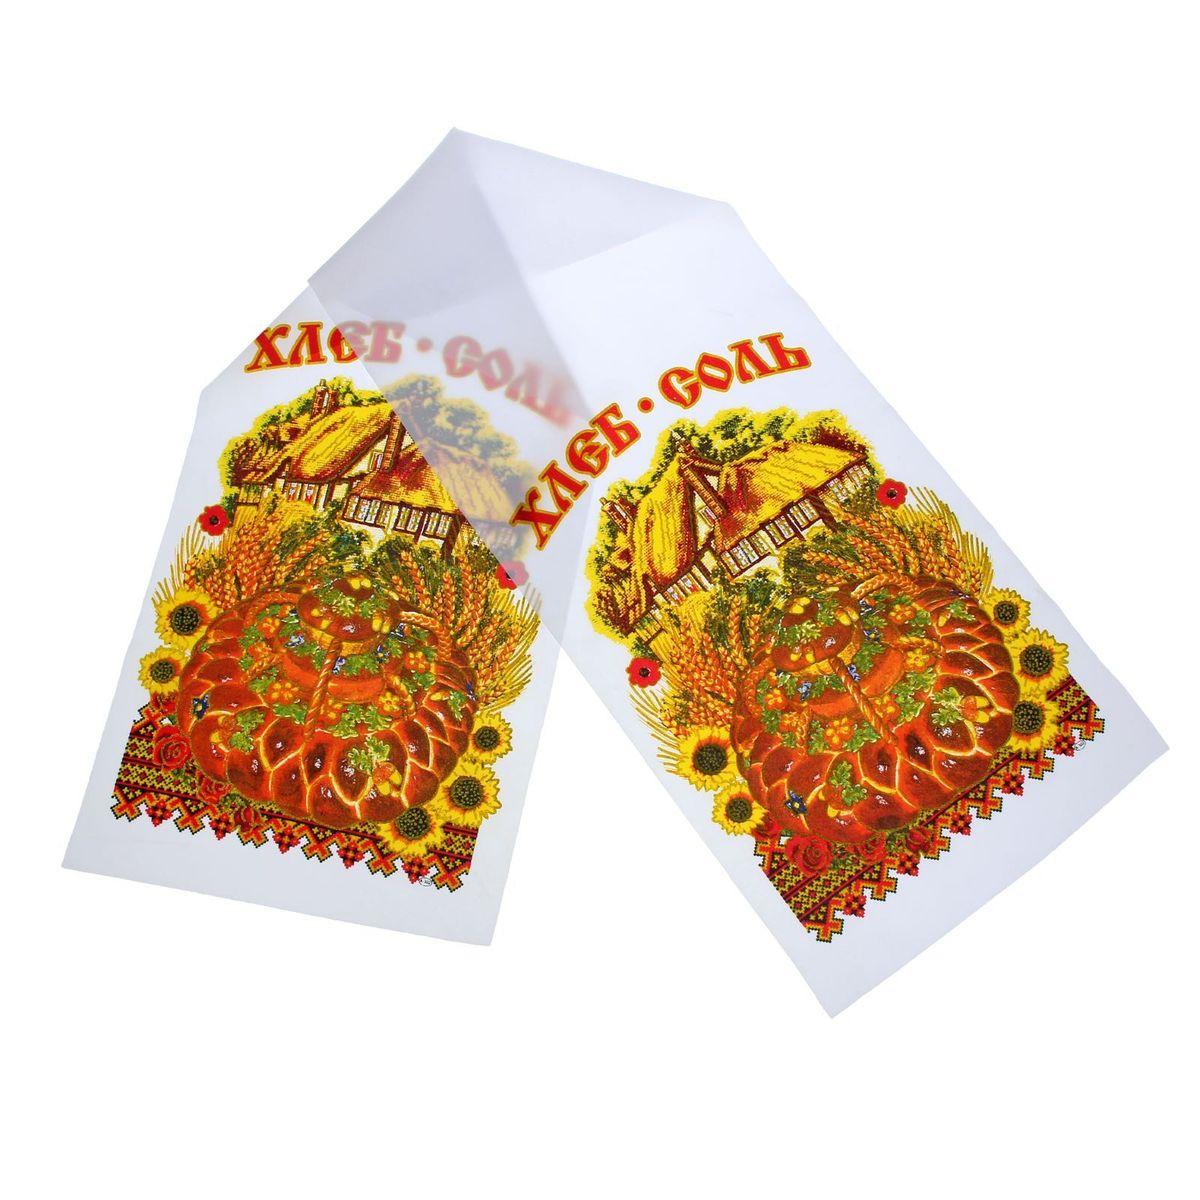 Рушник Sima-land Хлеб-соль, цвет: мульти, 150 х 36 см. 11347551134755Рушник  Хлеб-соль, 150 х 36 см предназначен для встречи родителями молодожёнов хлебом и солью и символизирует нерушимую связь двух любящих сердец.Этот традиционный сувенир оберегает от порчи и сглаза, приносит в дом мир и покой.Рушник изготовлен из ткани и украшен ярким орнаментом.Символические узоры, используемые для вышивания таких аксессуаров, означают:крест является символом света, солнца, счастья и добра;корона - божье благословение;пара голубей, павлинов, лебедей означает верную любовь и семейное счастье;ласточка - хорошие вести и крепкое хозяйство;дерево жизни - важный символ, обозначающий бесконечность и процветание рода, взаимосвязь поколений, традиции семьи;веночки вышивают незамкнутыми, так как они означают жизненный путь;роза - красота, любовь, процветание; если с бутонами, то пожелание иметь детей;лилия - невинность, женская красота и чистота, обычно изображается с бутонами и листьями, что означает молодую семью, продолжение жизни в детях;мак - сохранение и продолжение рода, защита от зла, благополучие;дуб - мужской символ, обозначающий силу, энергию, жизненную стойкость;калина - дерево бесконечности рода, выносливости и надежды, символ женской верности, здоровья и красоты;виноград - символ плодовитости, трудолюбия, достатка, радости создания семьи.